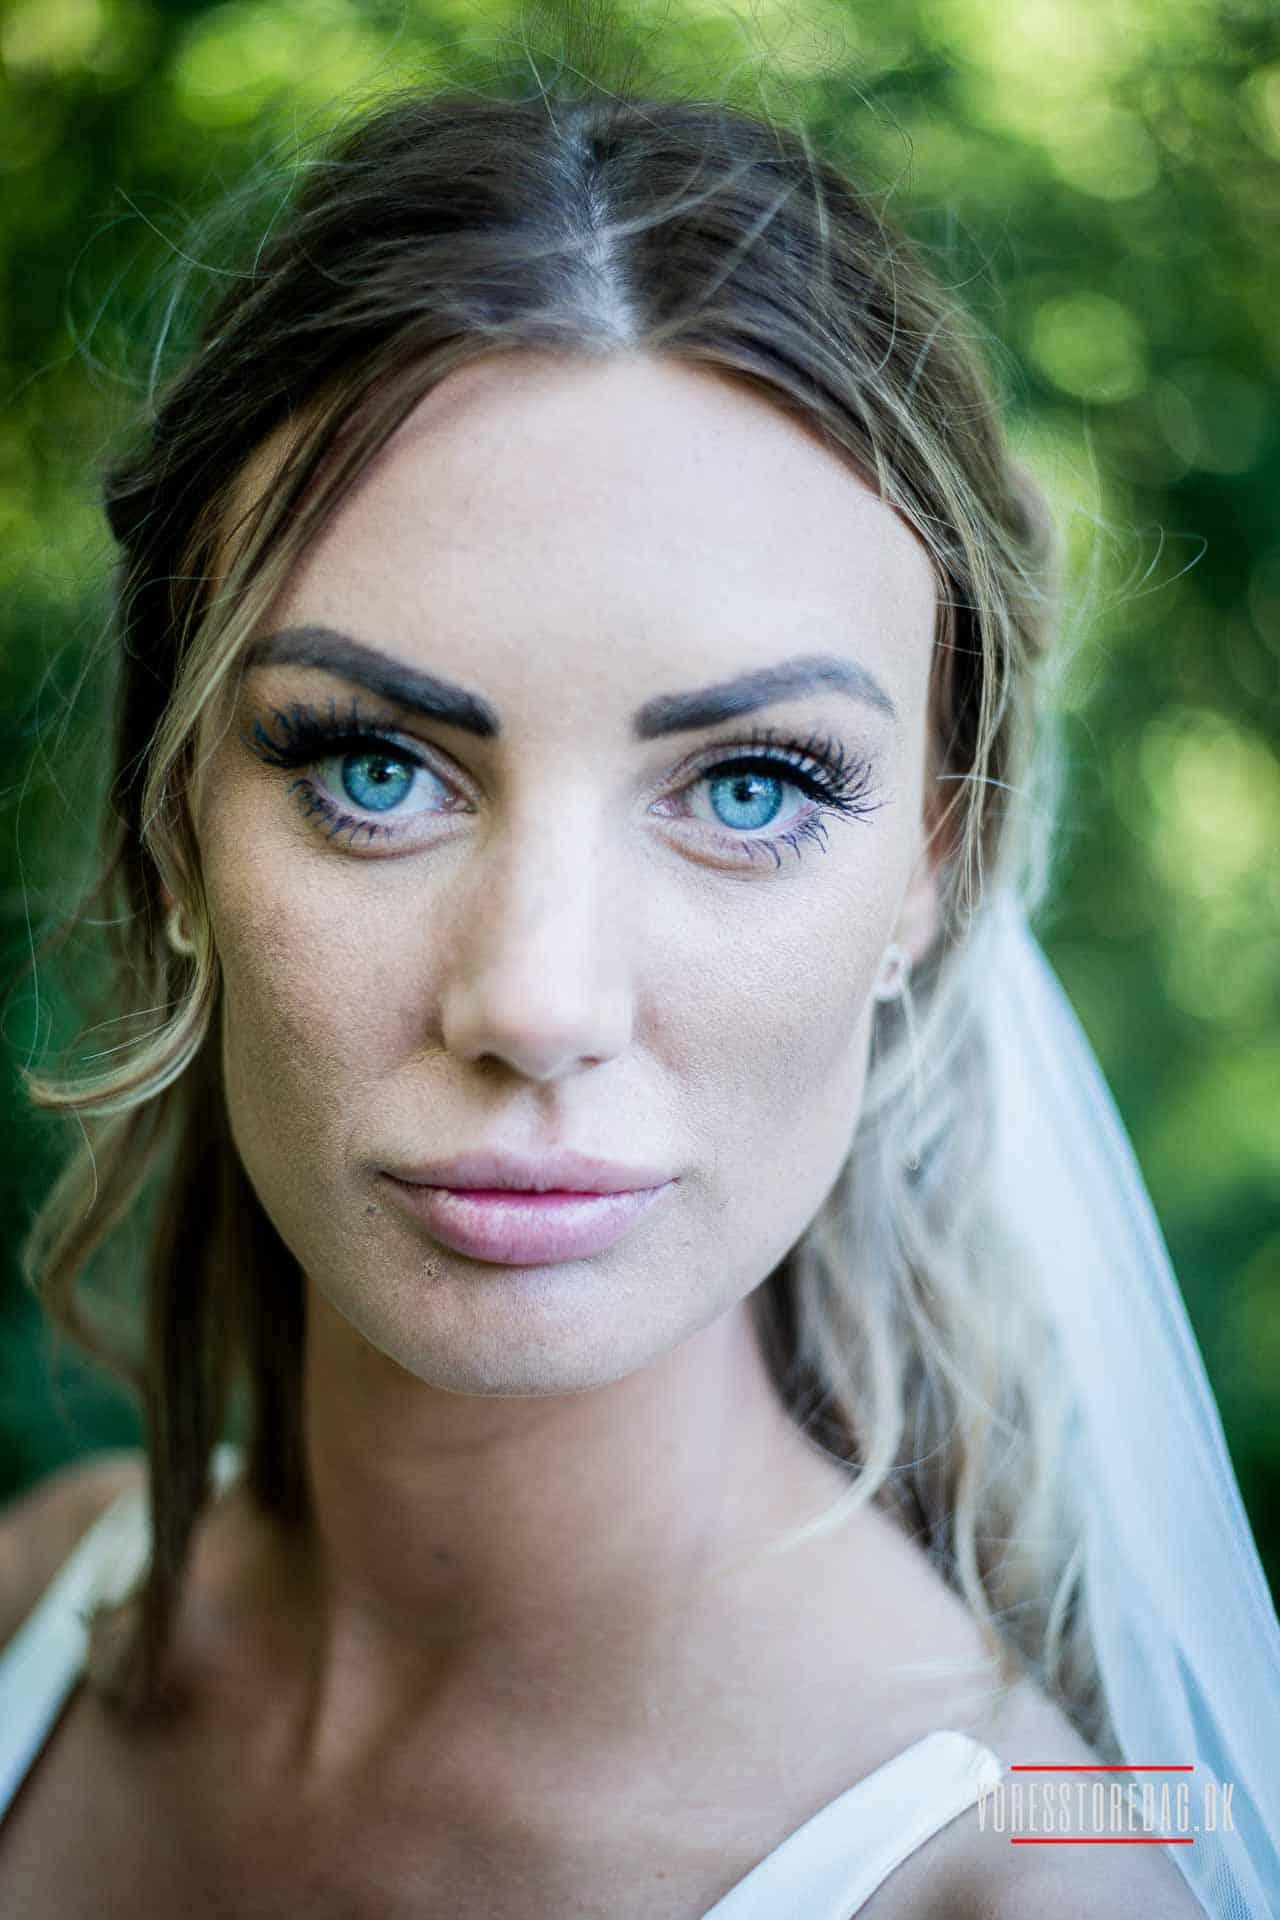 Bryllupper i Esbjerg Kommune Jeres bryllup er en af de største mærkedage i jeres liv